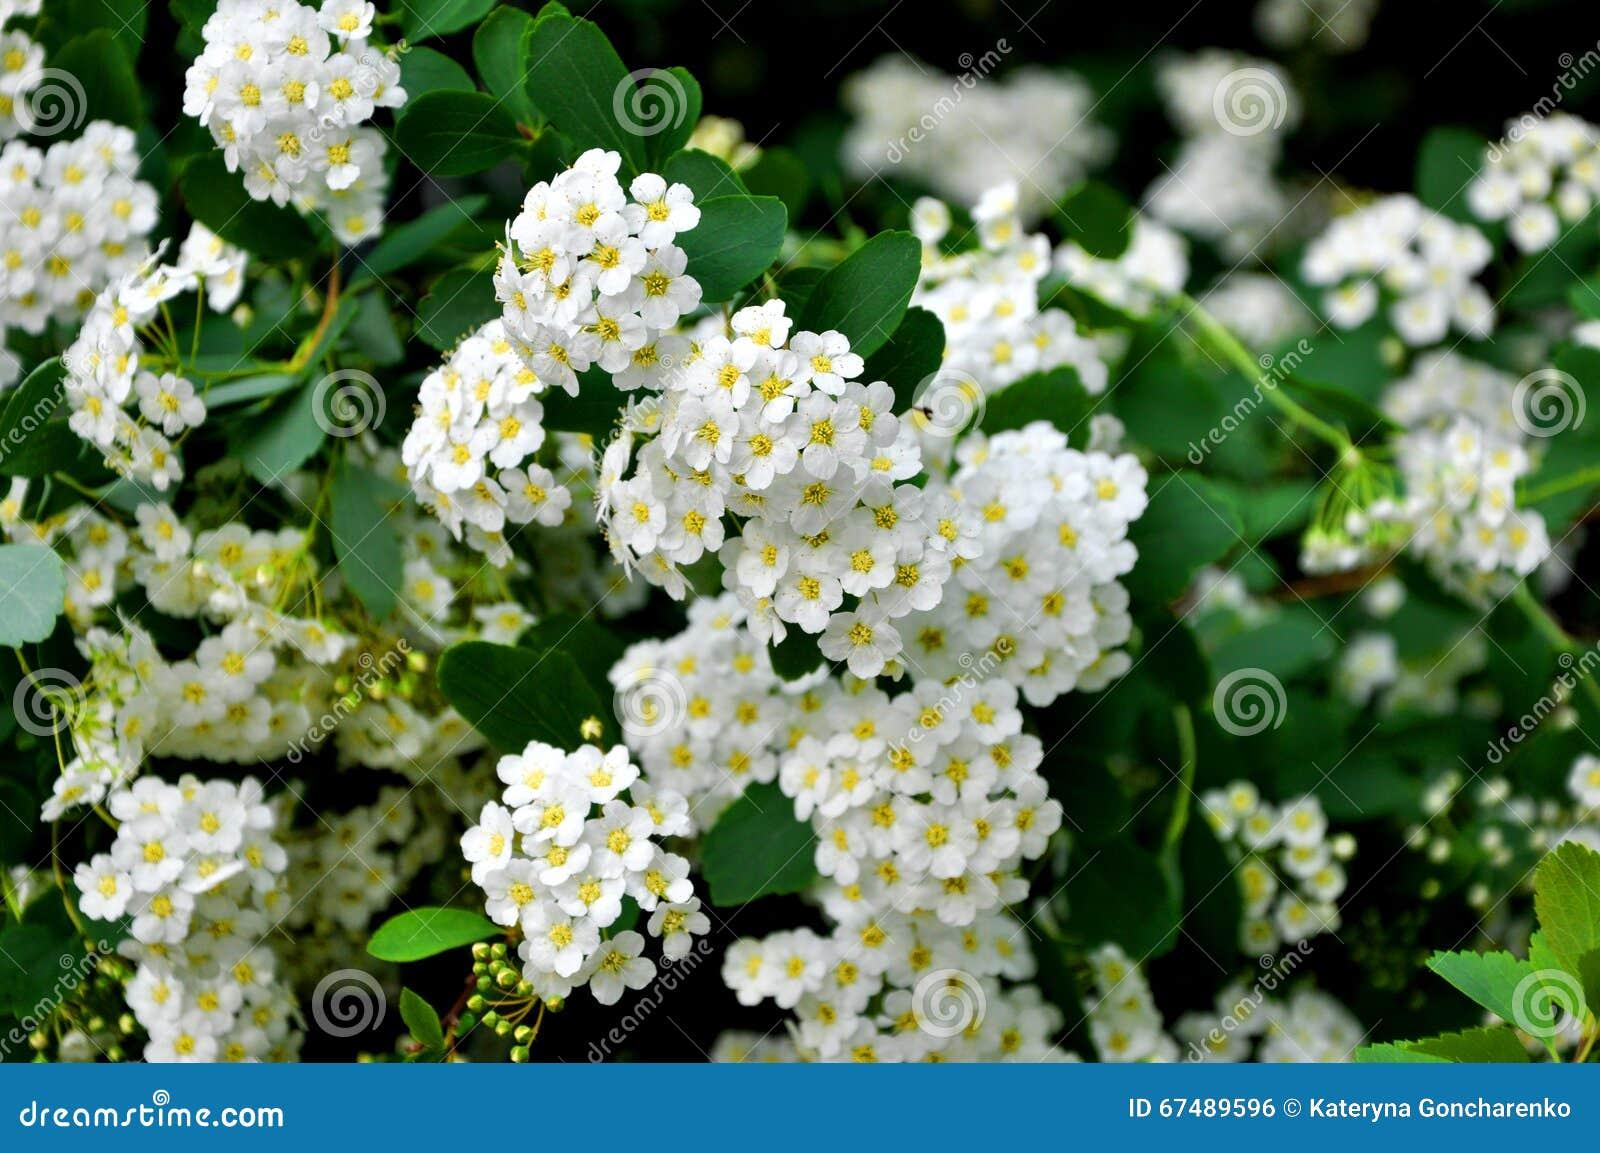 cespuglio di fioritura con i fiori bianchi fotografia